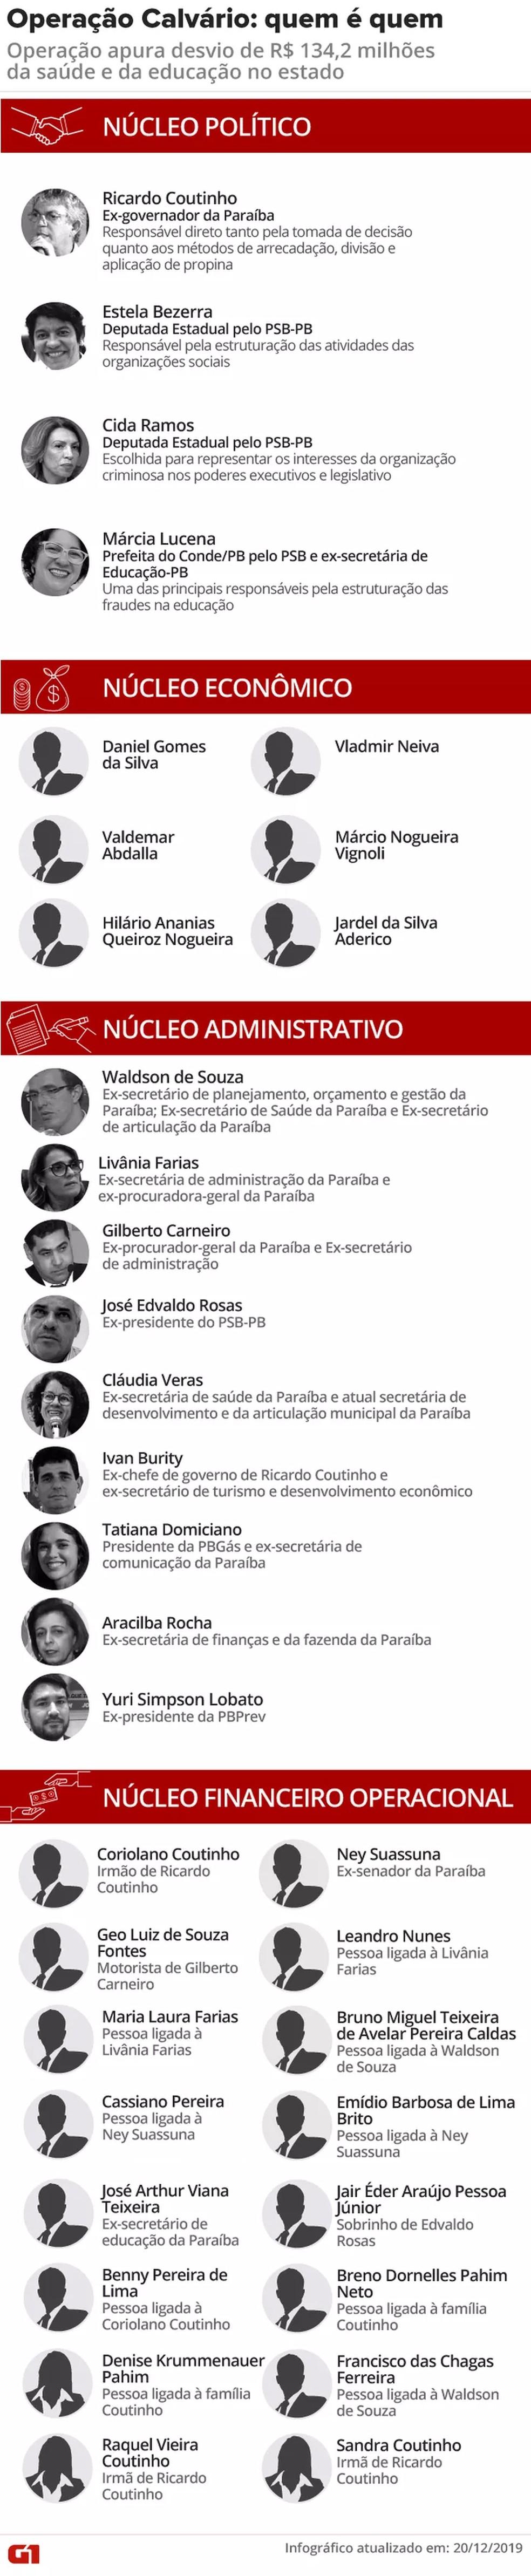 MP identificou núcleos e Ricardo Coutinho como chefe de suposta organização criminosa — Foto: Arte/G1